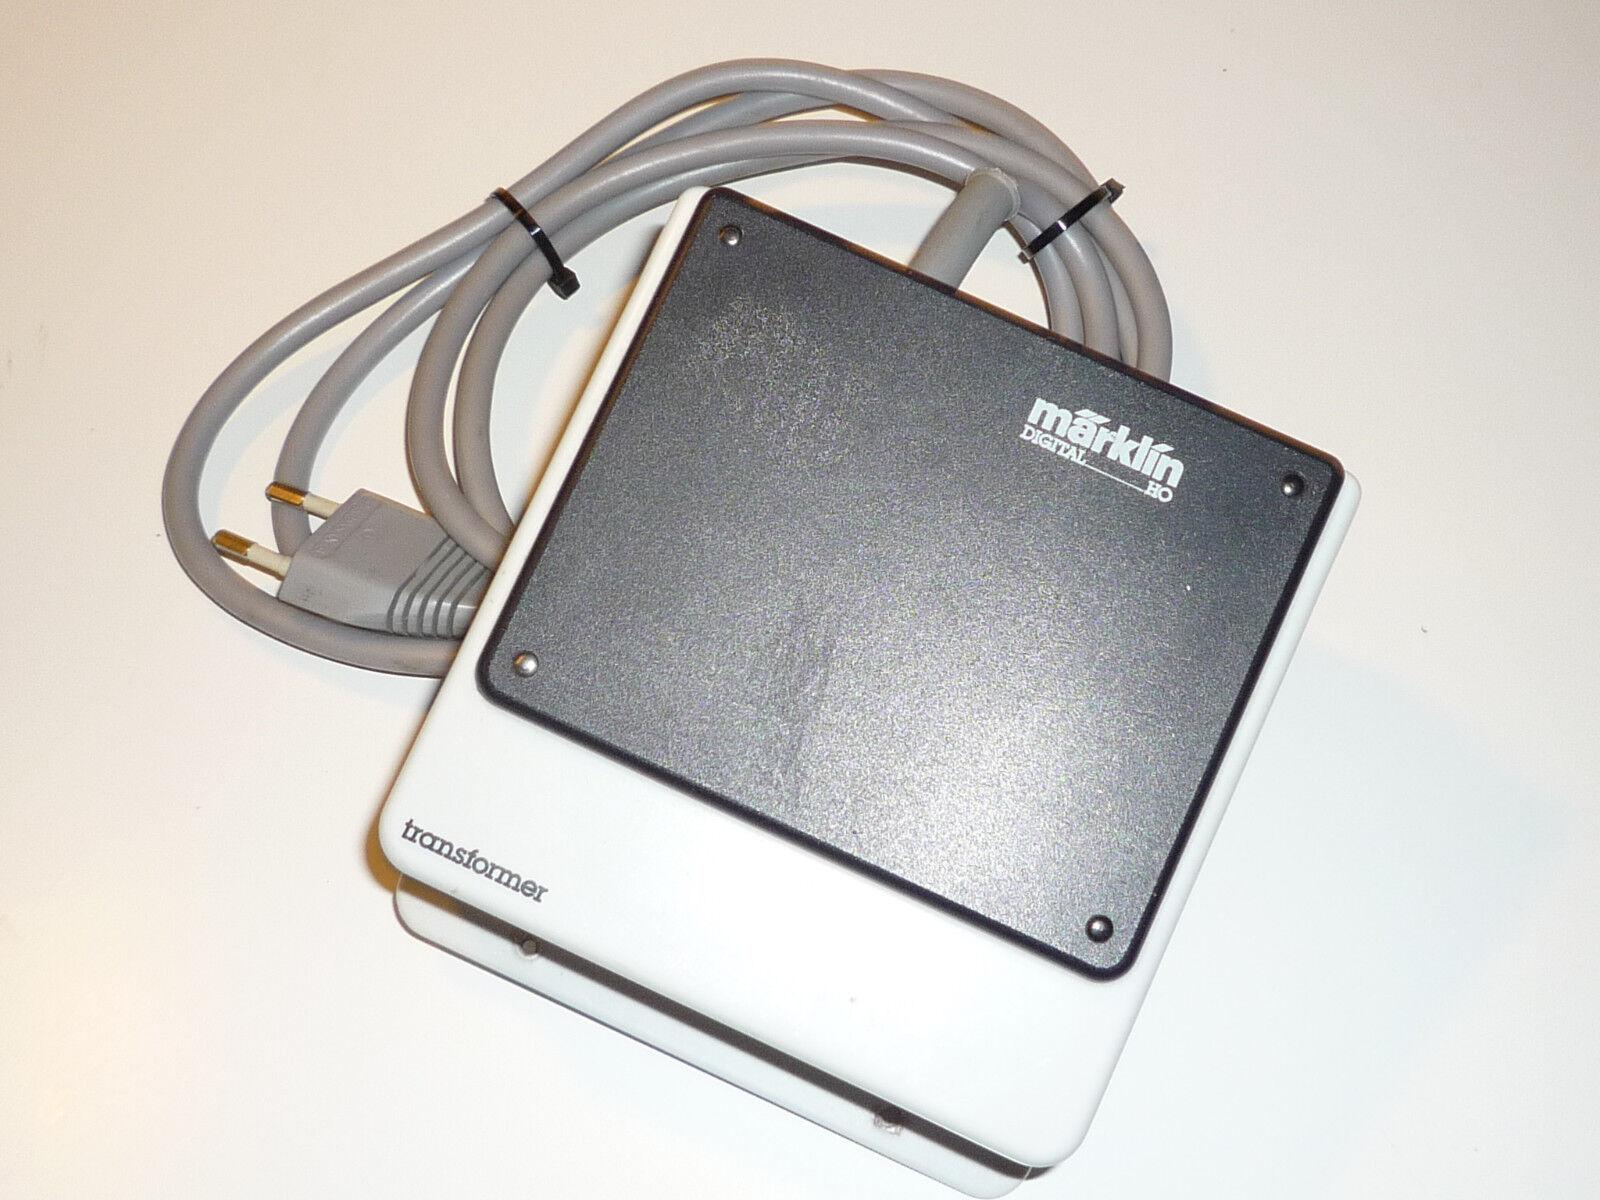 MÄRKLIN Digital     - 6002 transformer Leistungsverstärker 52VA -        X429X